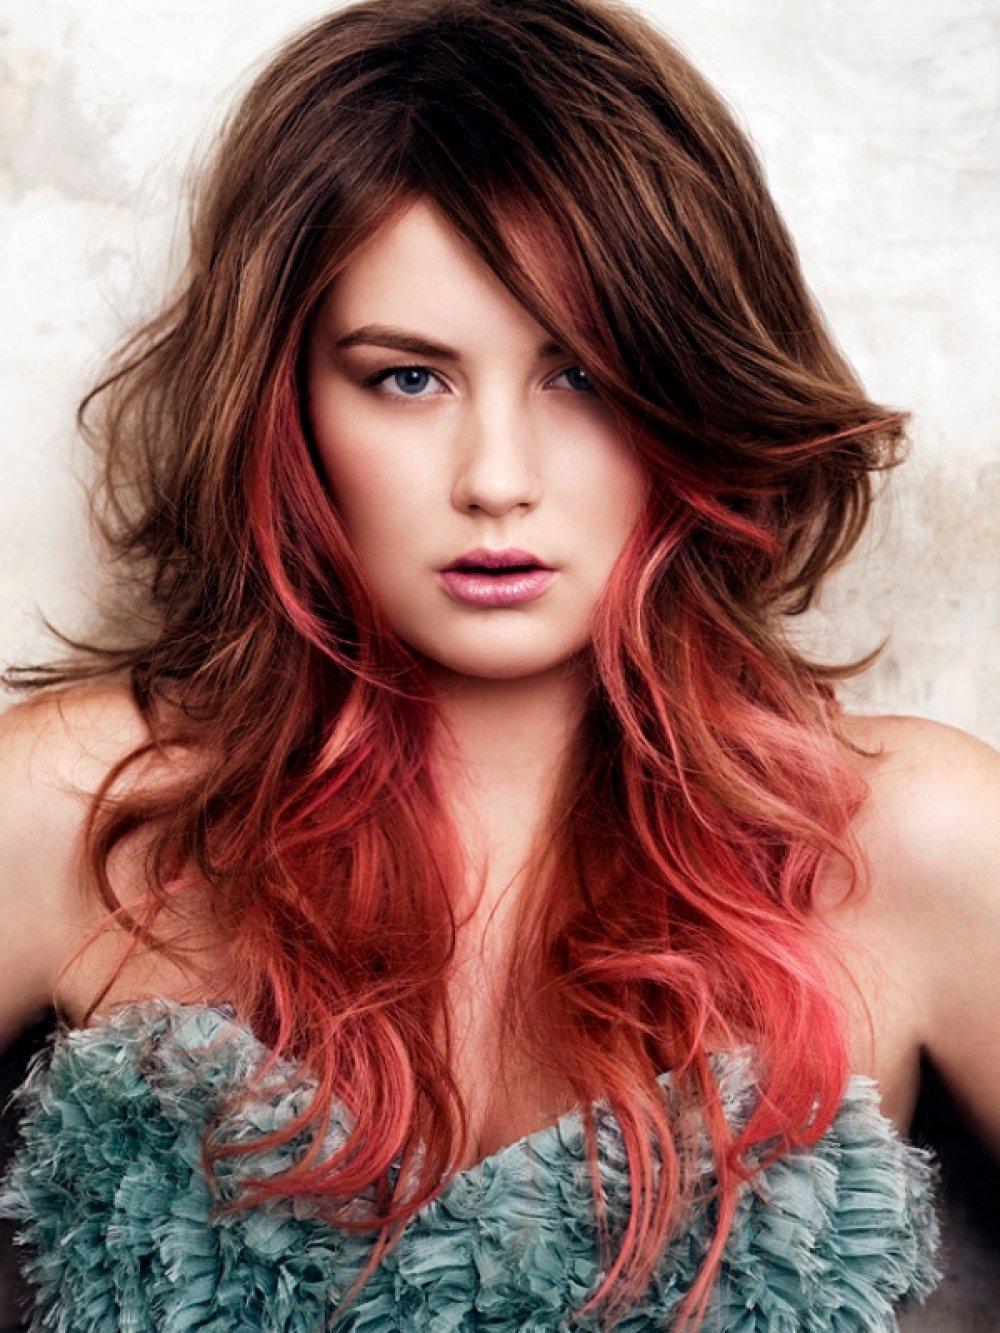 Фото девушек с рыжими и русыми волосами 13 фотография